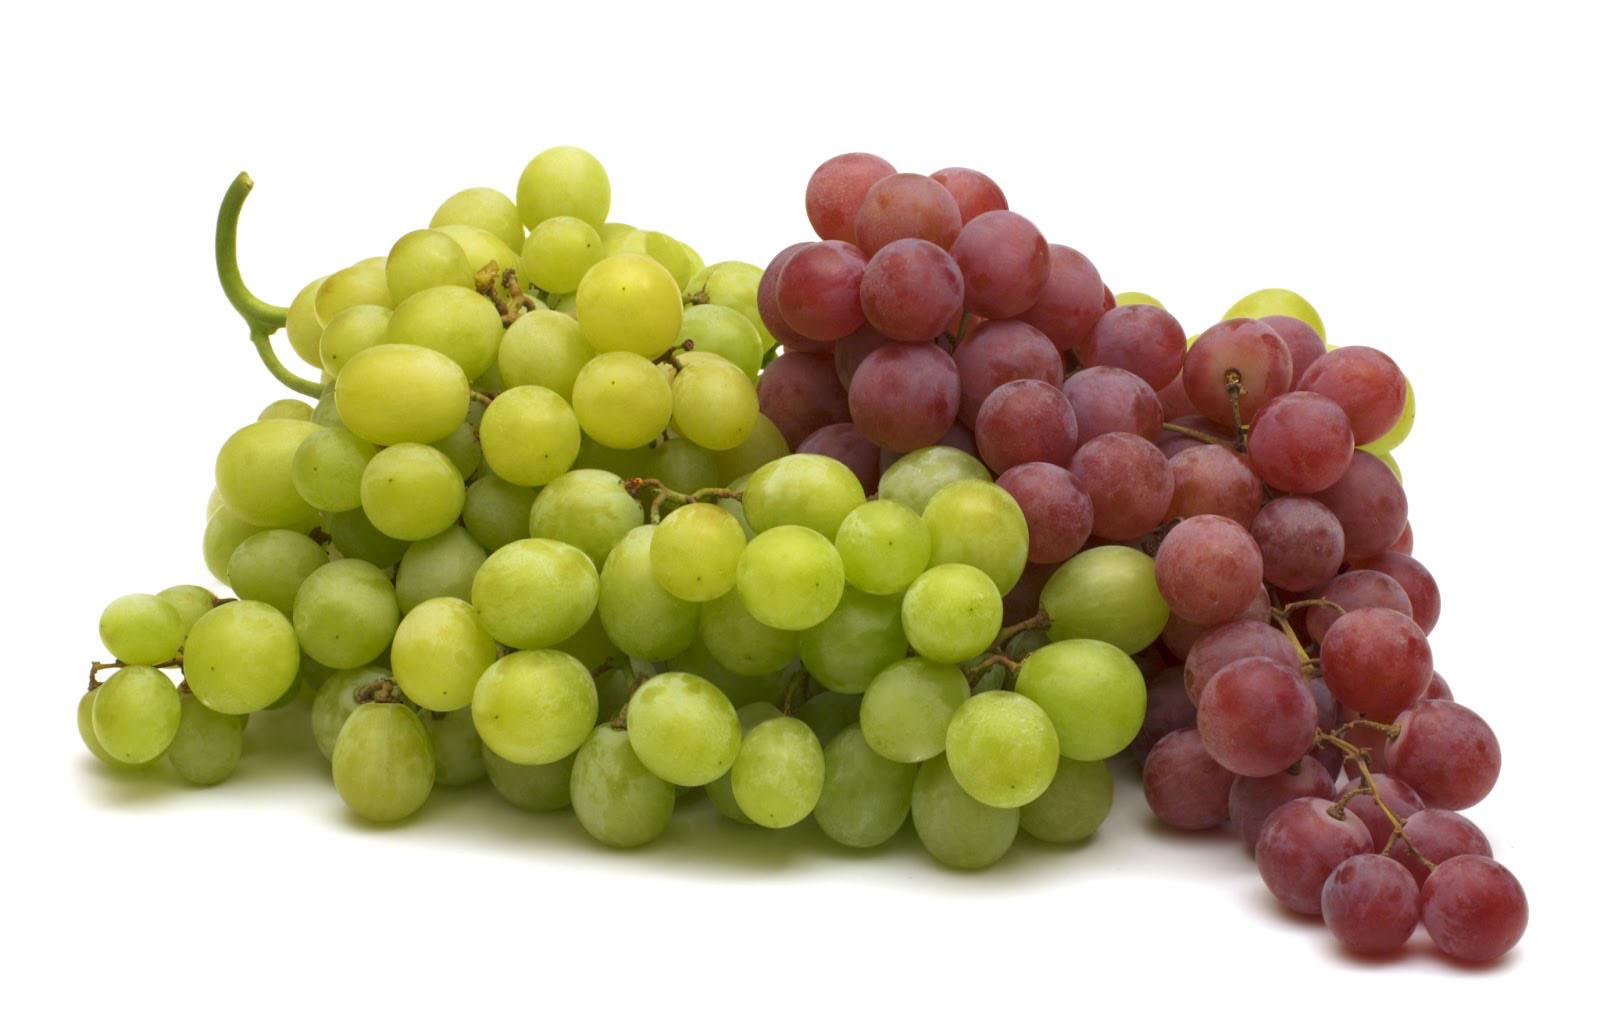 Kuru Üzüm Hangi Vitaminleri İçerir Ve Faydaları Nelerdir